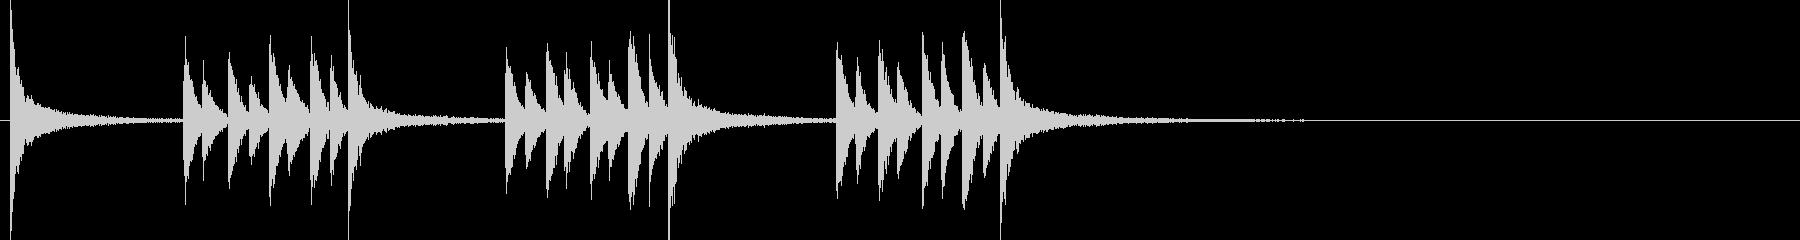 ドラム/ティンバレス フィルイン 20の未再生の波形